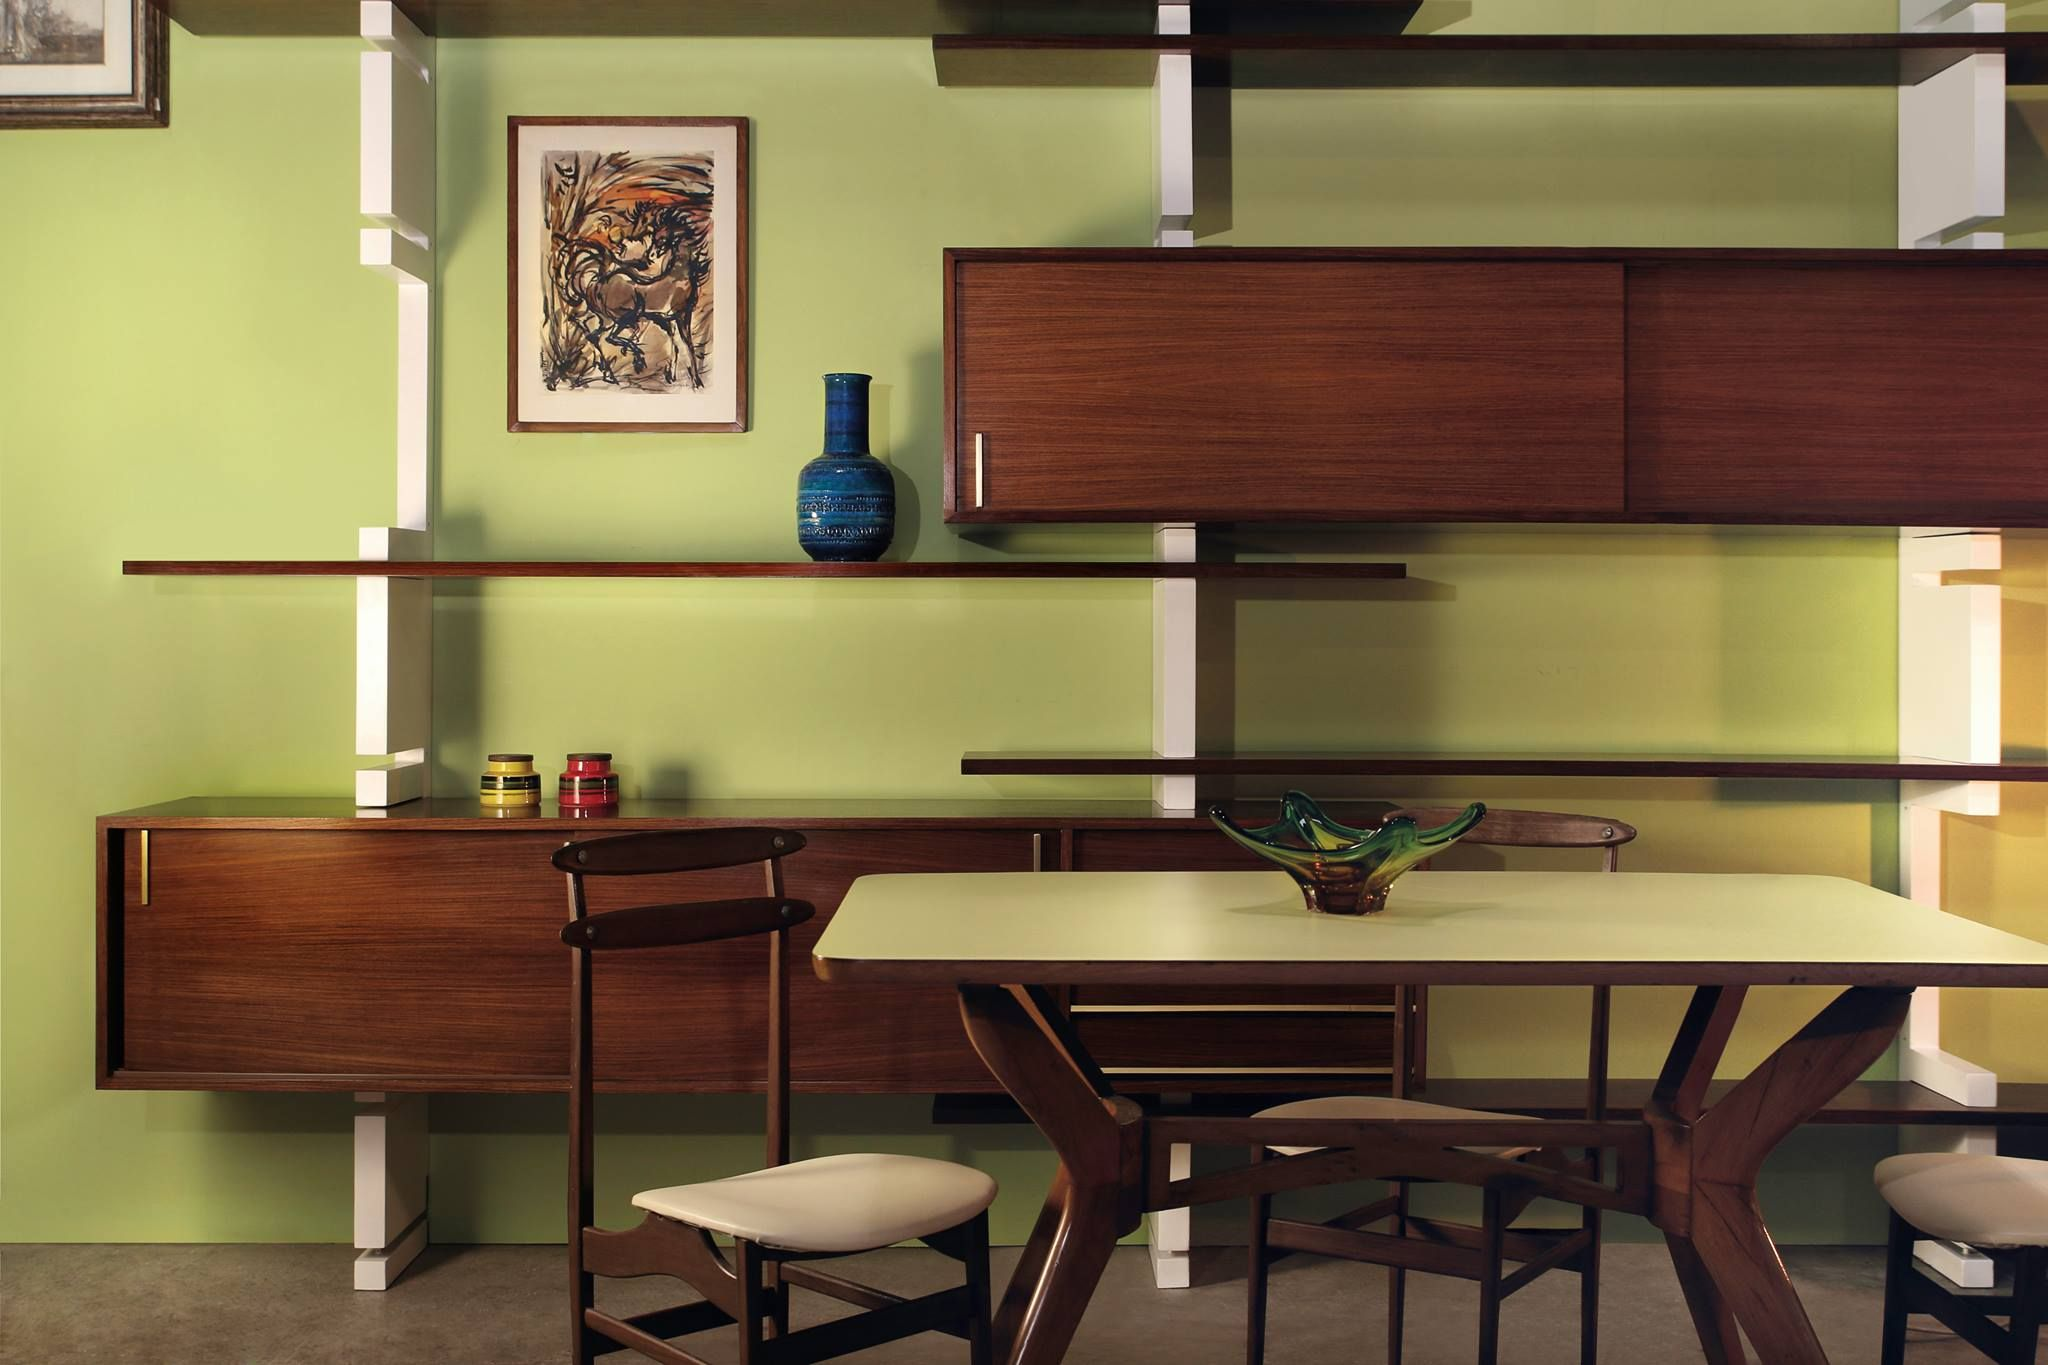 Sedie Vintage Anni 50 : Home decor: libreria anni 50 60 tavolo e sedie vintage di design